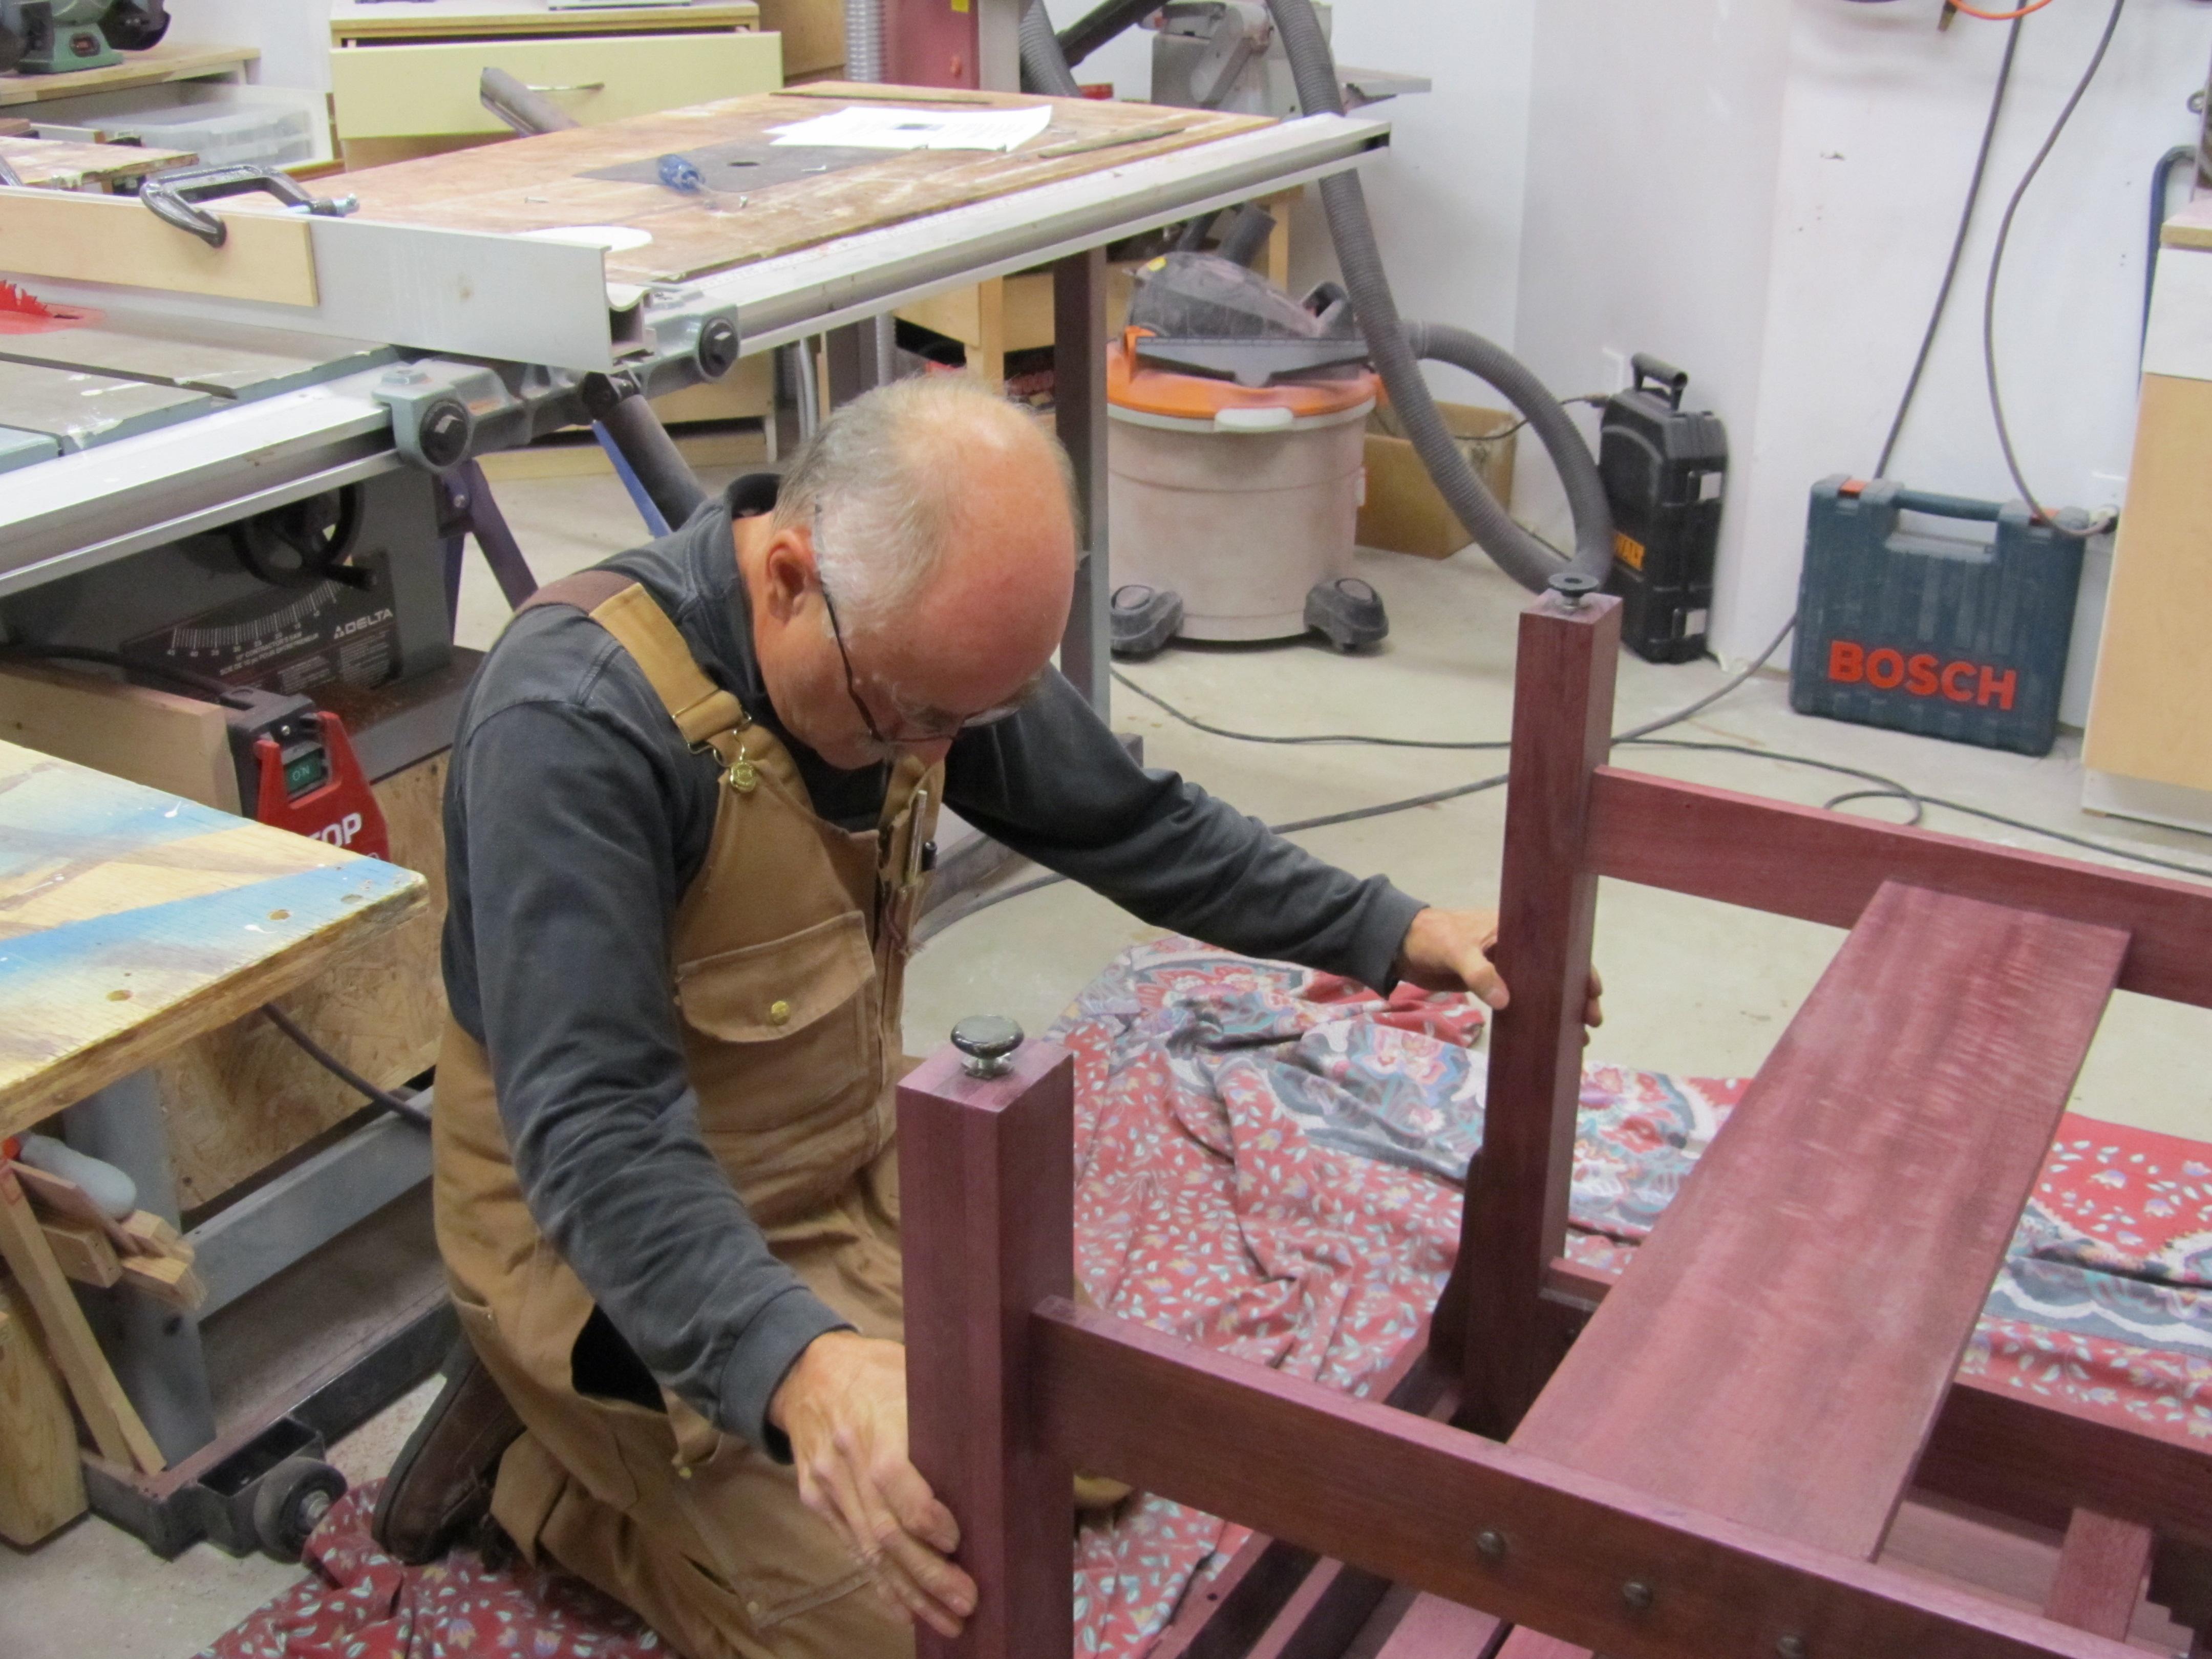 Pierre At work